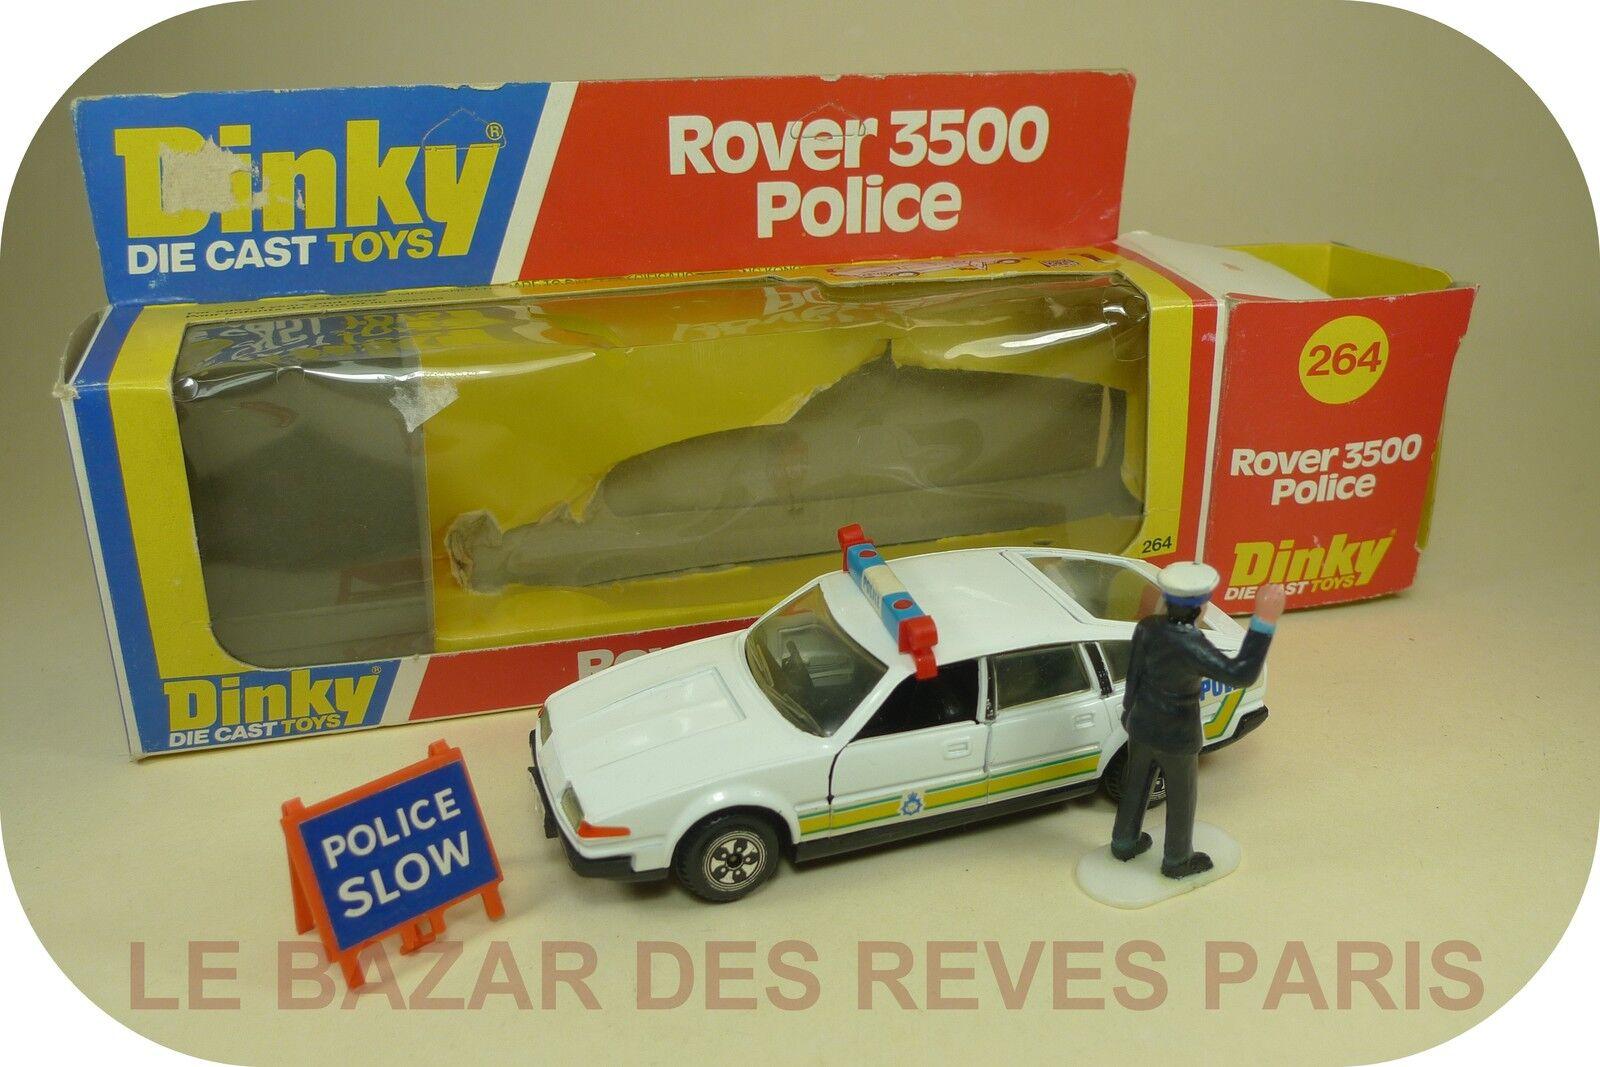 DINKY TOYS GB.  ROVER 3500 POLICE + boite.   REF  264.